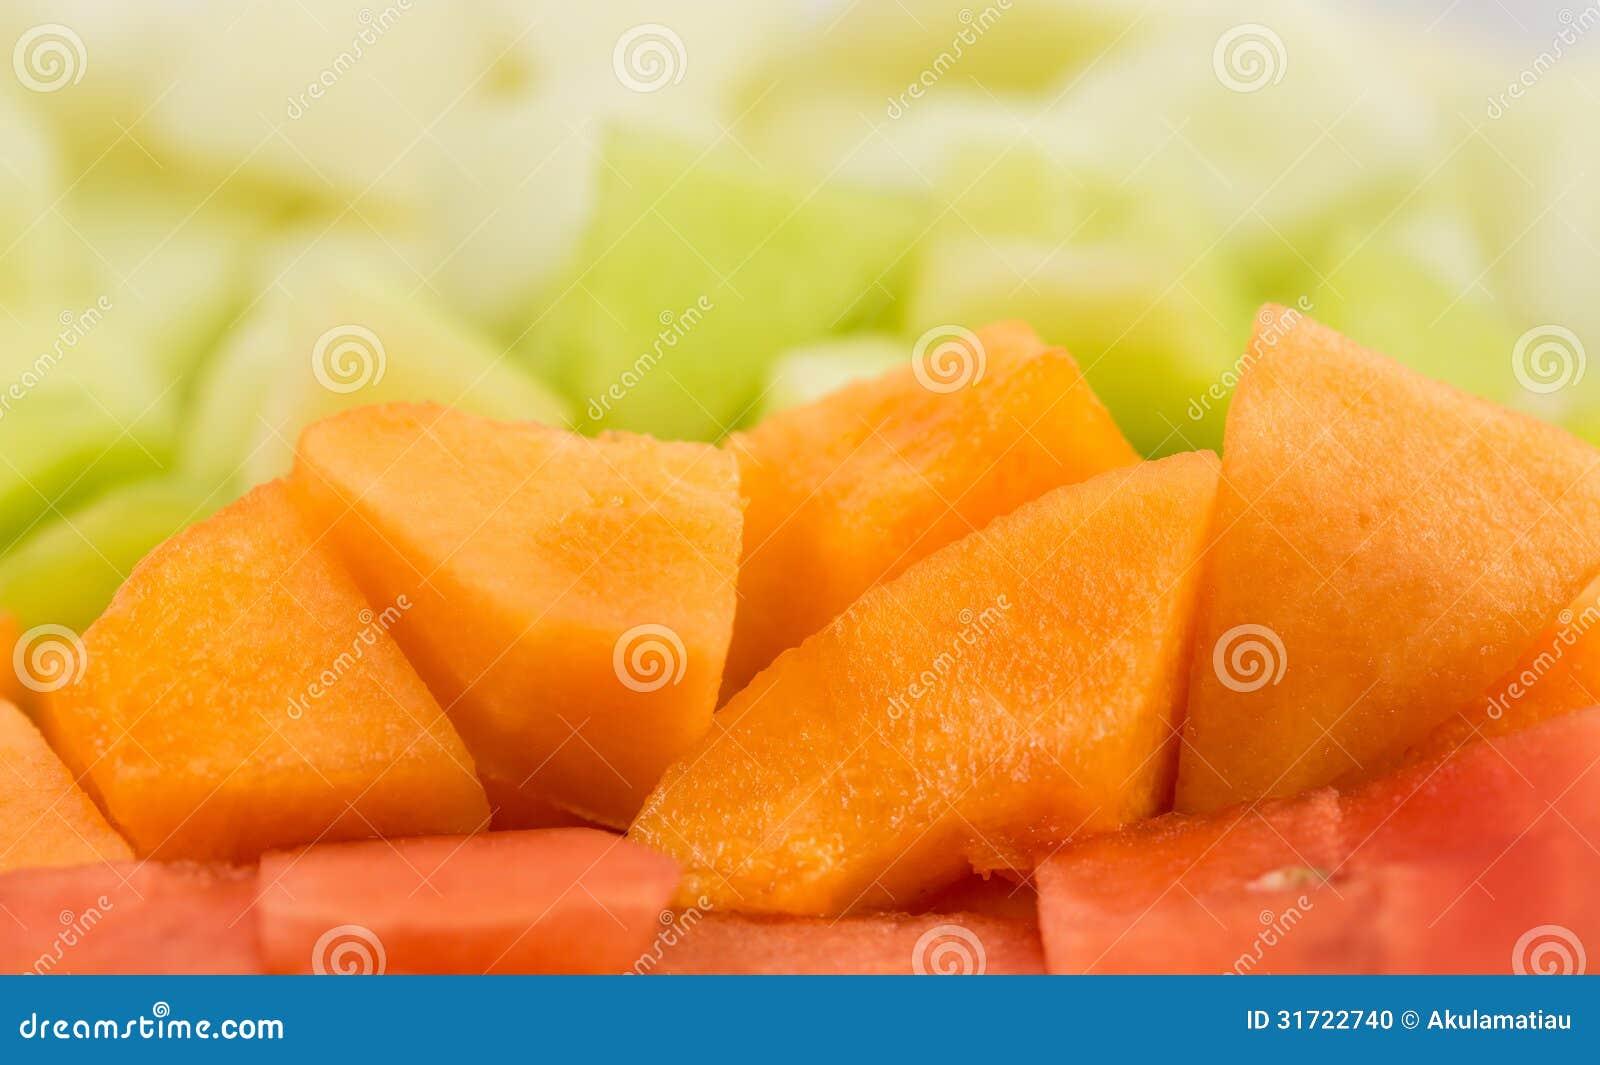 Cube Sized Melons, Honeydew IX